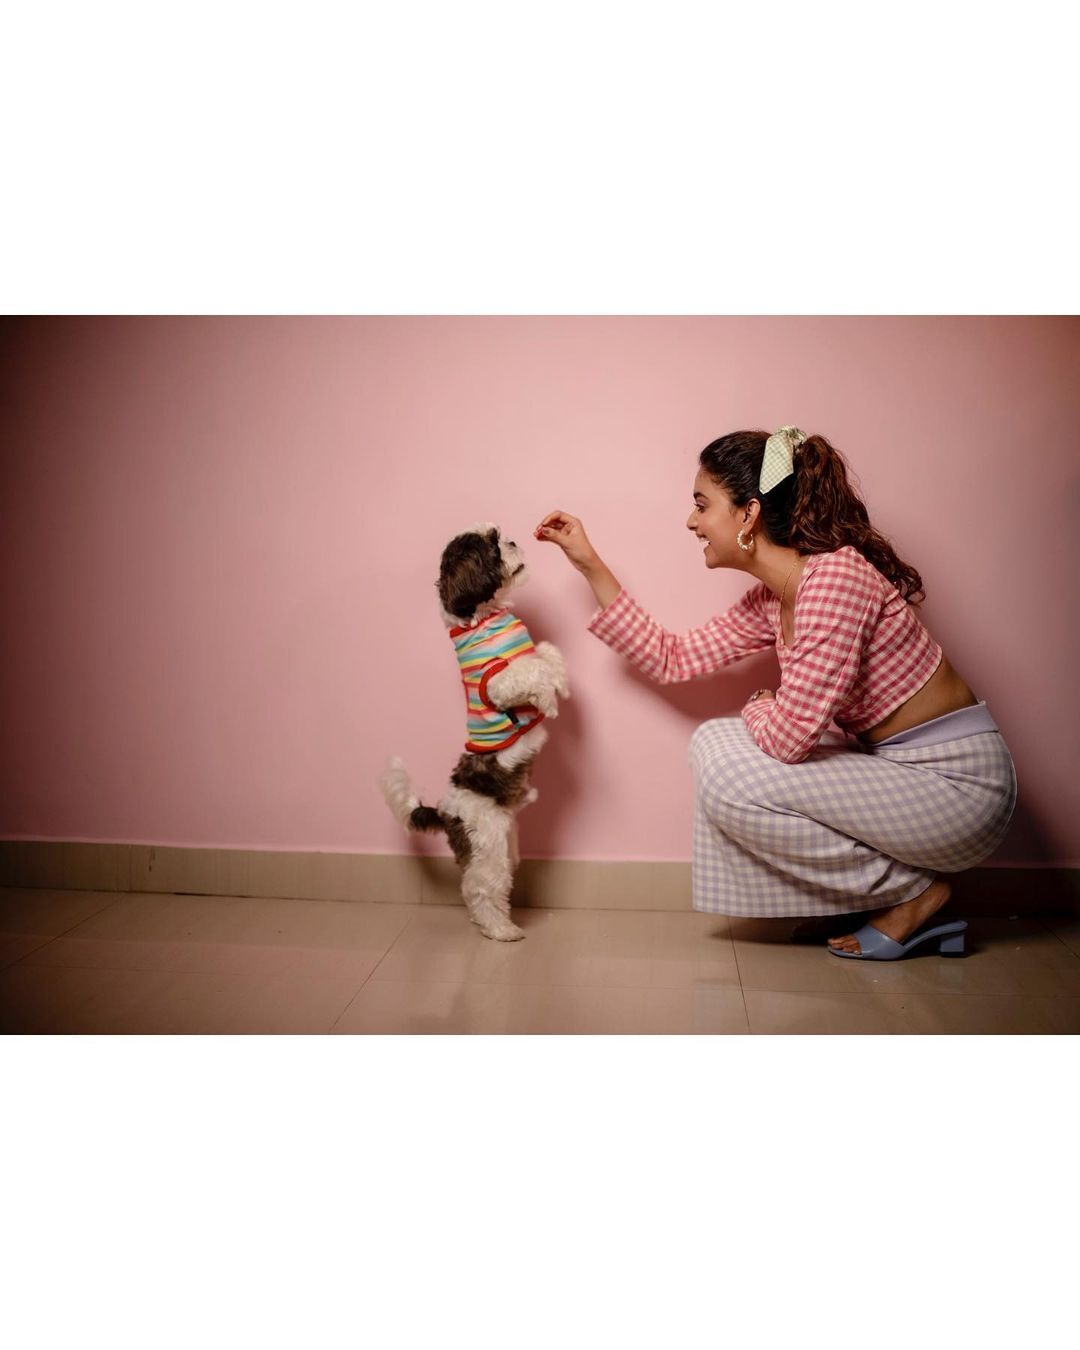 നൈക്ക്, യു ആര് മൈ സ്വീറ്റ് ഹാര്ട്ട്; വൈറലായി കീര്ത്തി സുരേഷിന്റെ ചിത്രങ്ങള്